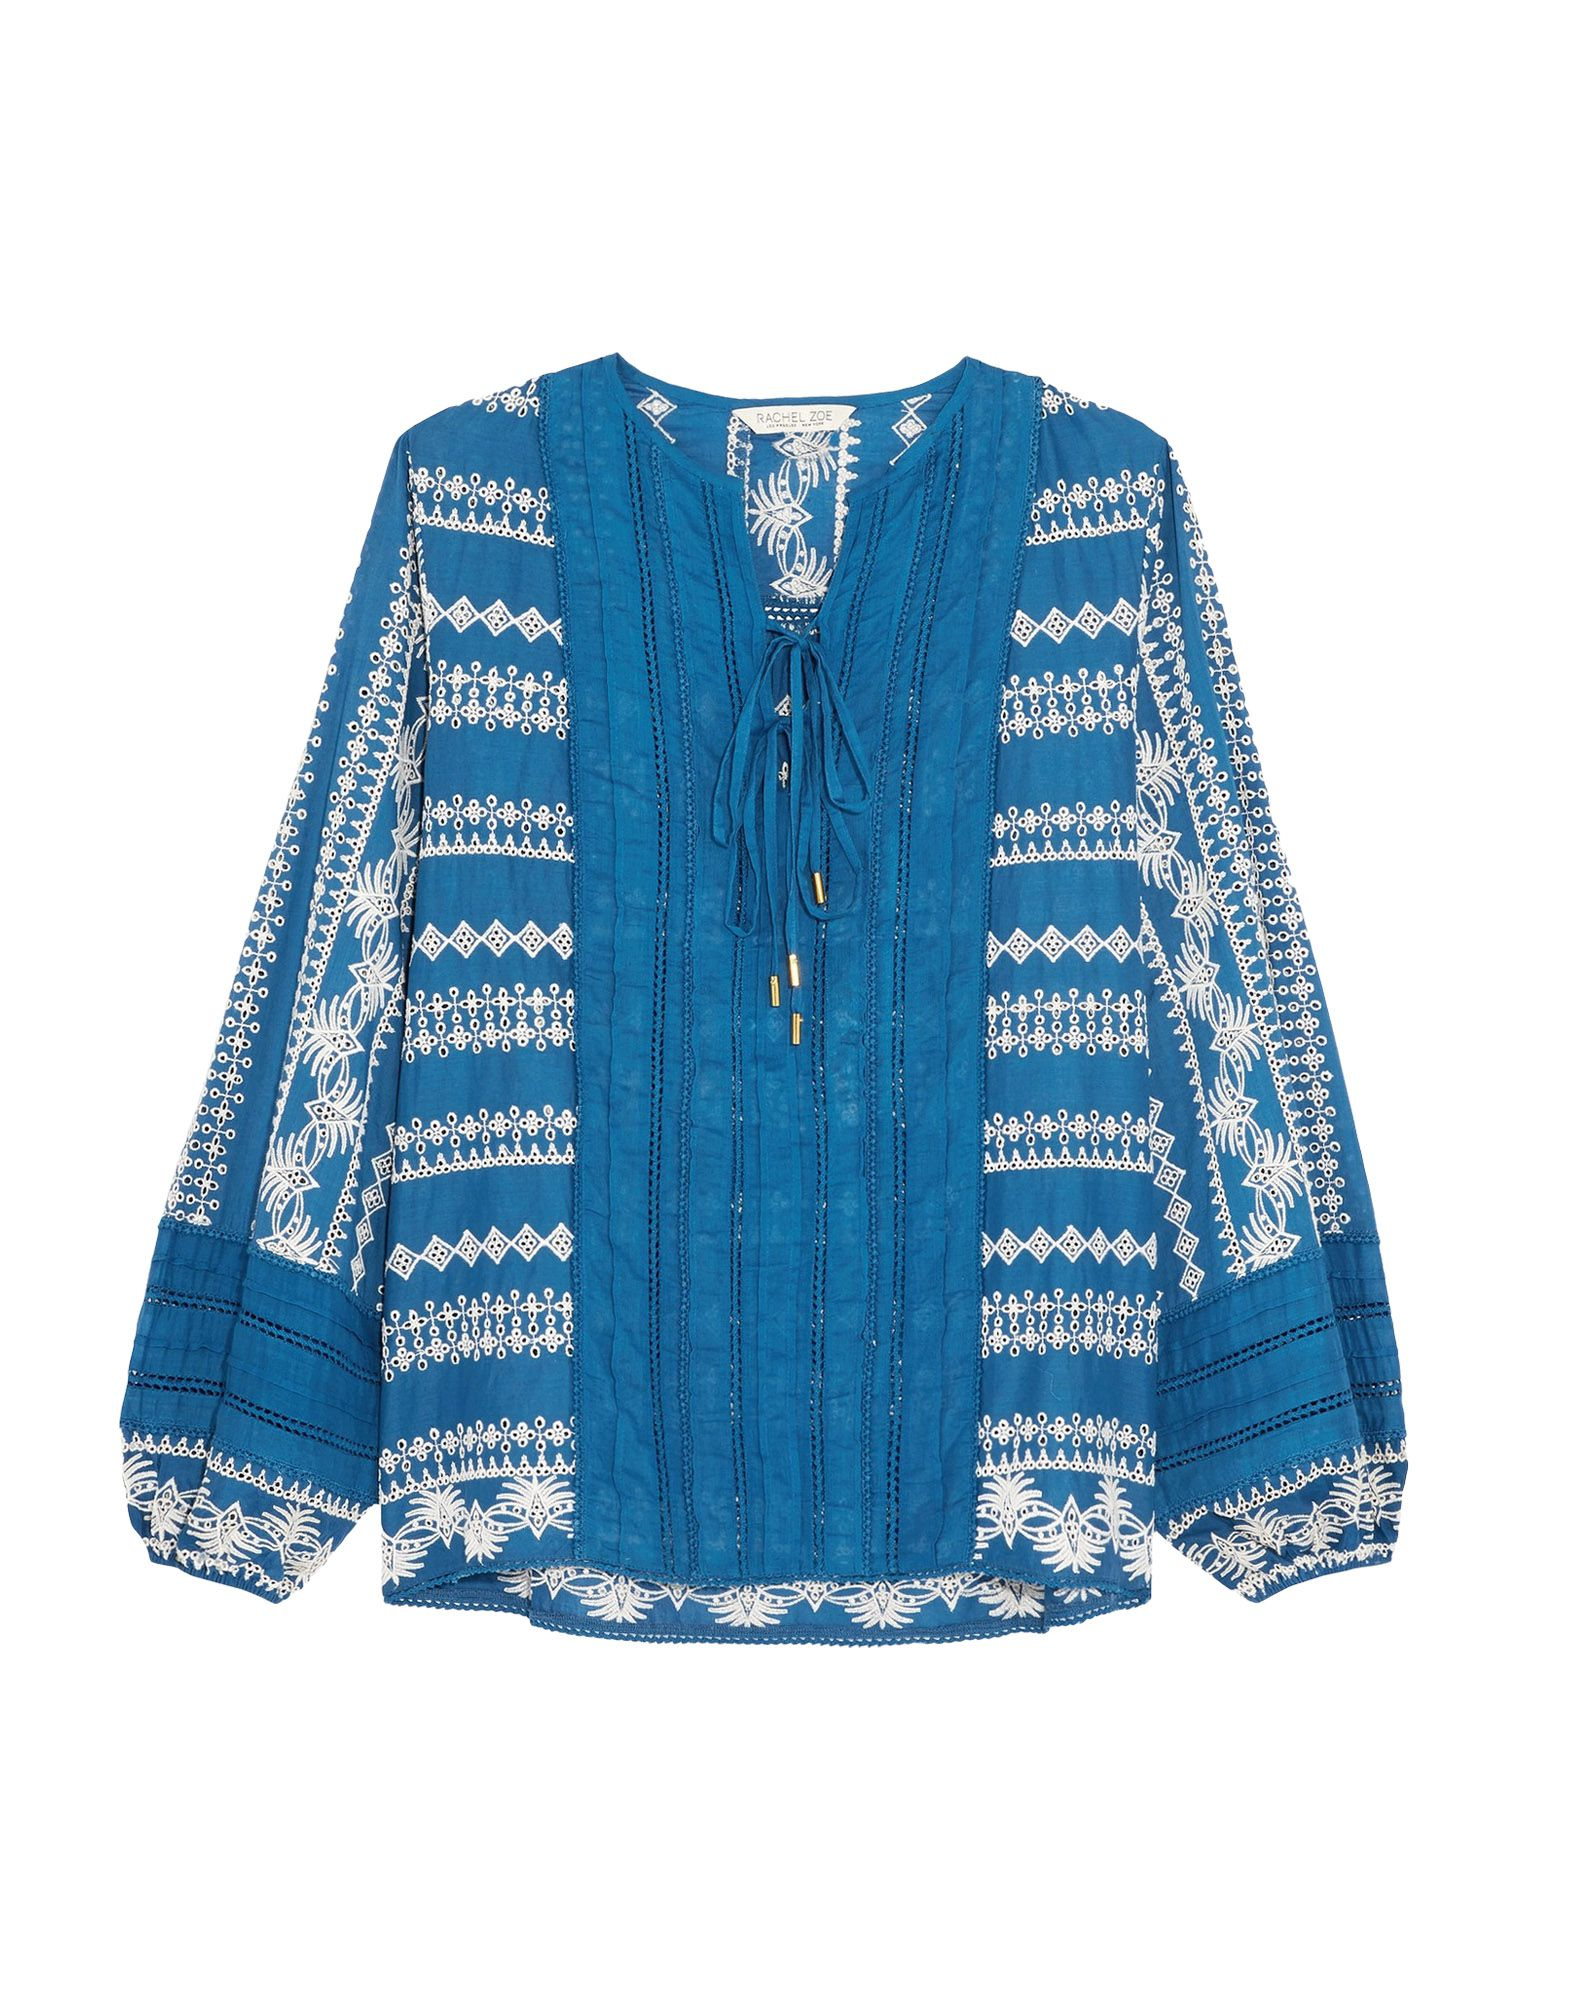 RACHEL ZOE Блузка полотенце для хамама zoe quelle quelle 523811